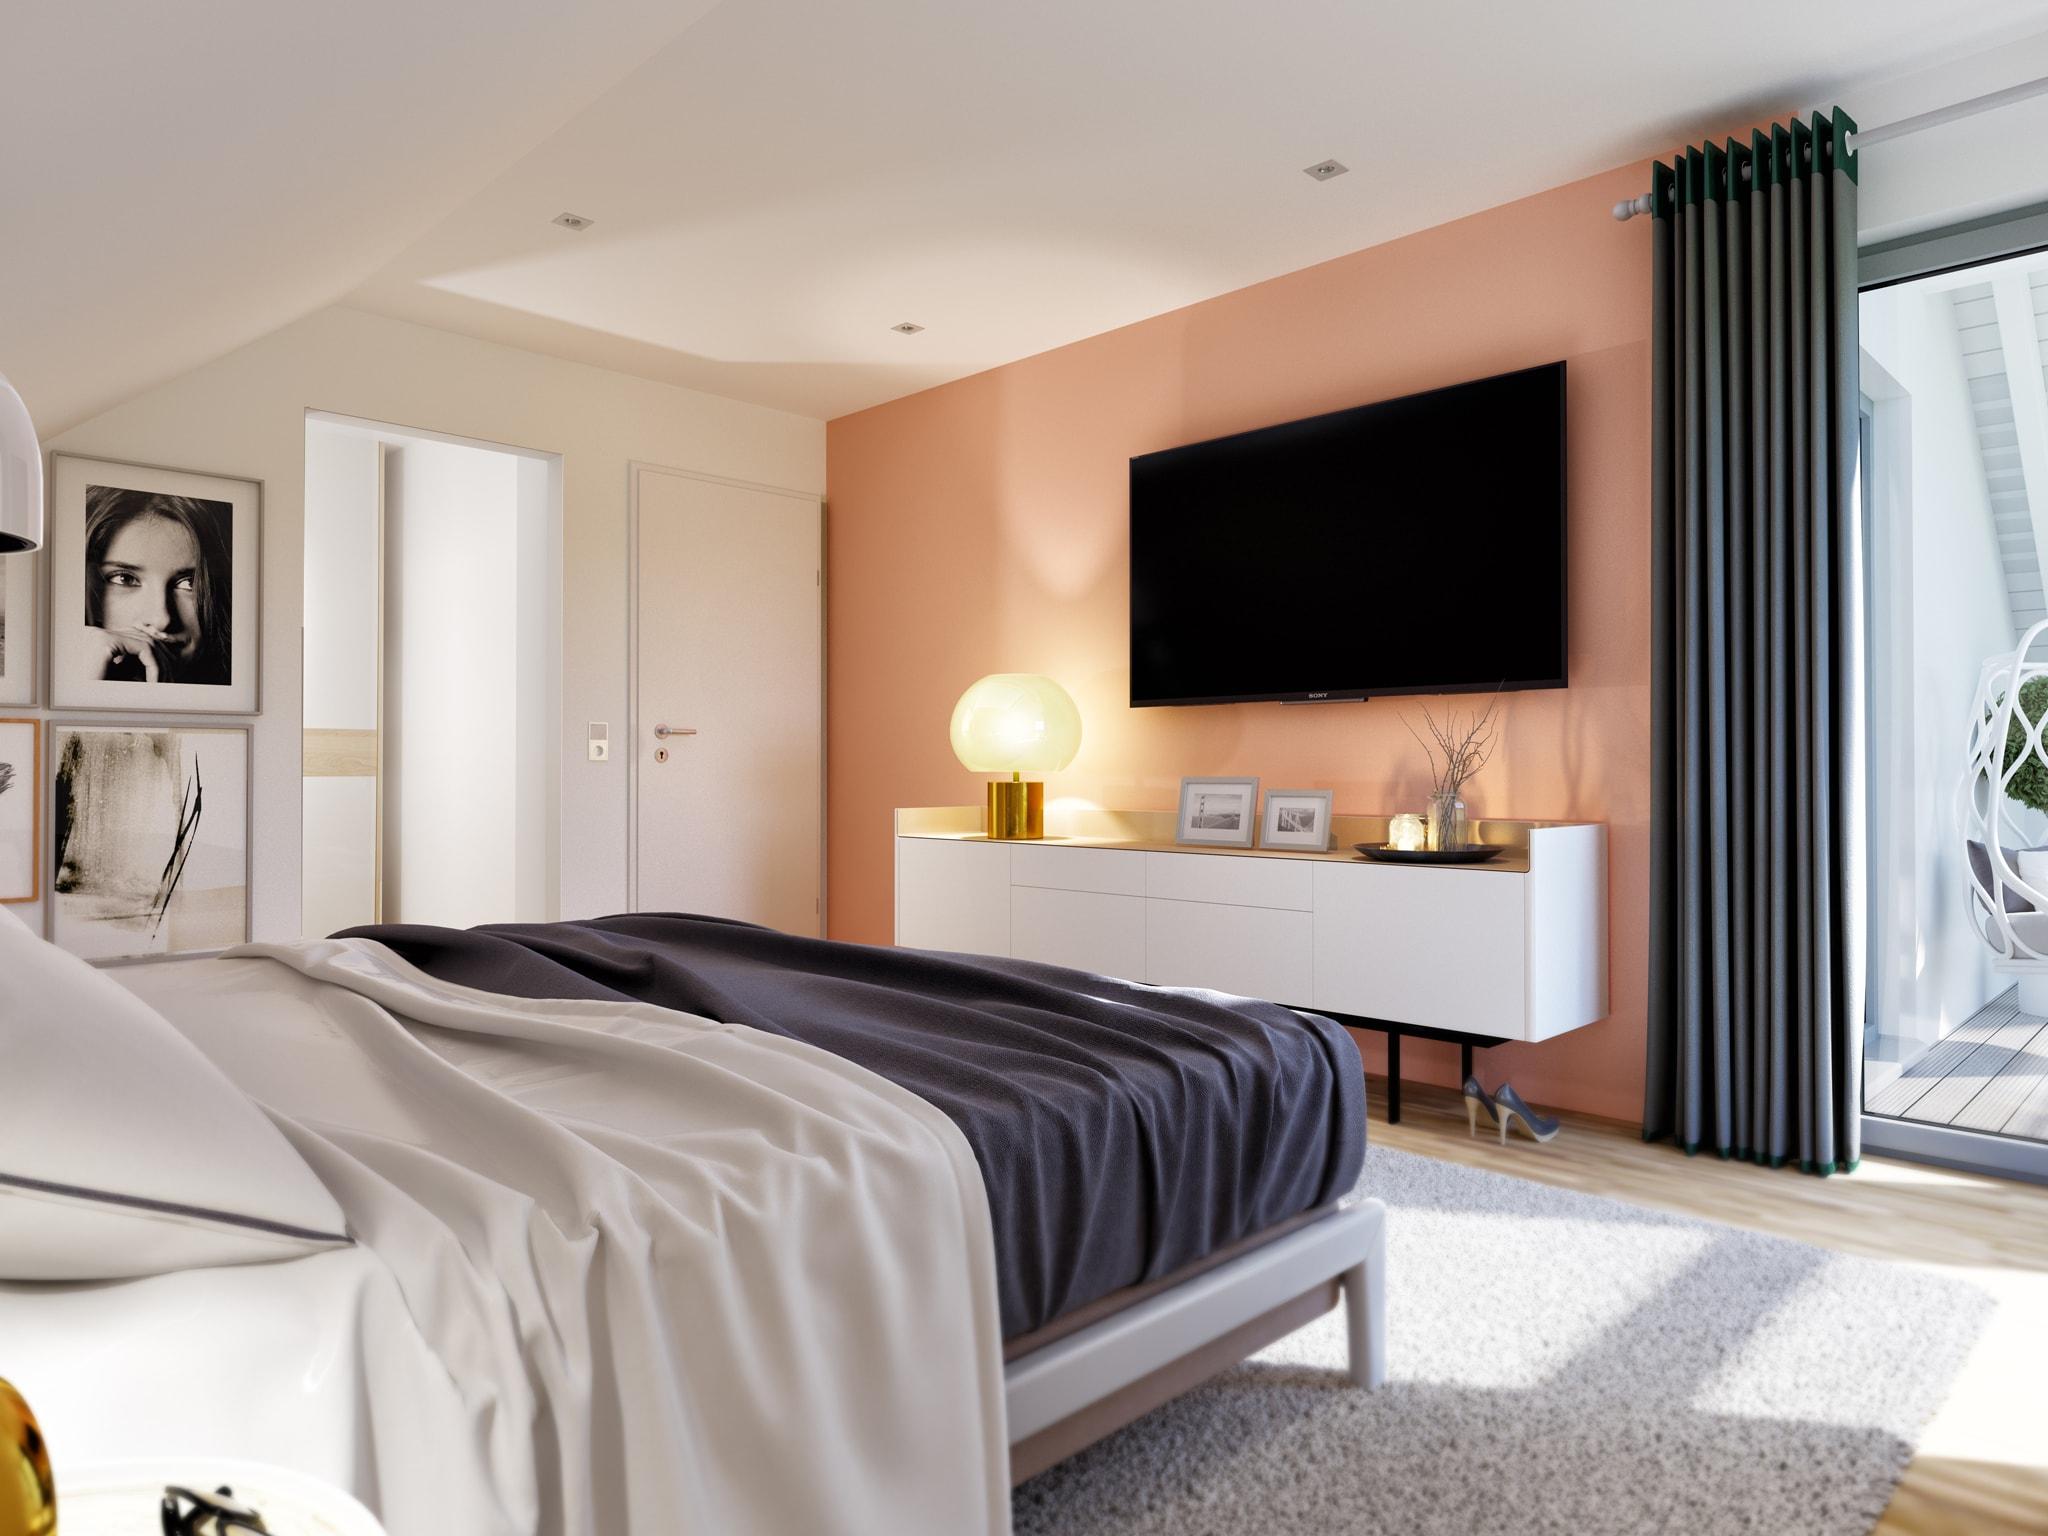 Schlafzimmer - Ideen Inneneinrichtung Fertighaus Living Haus SUNSHINE 143 V7 - HausbauDirekt.de